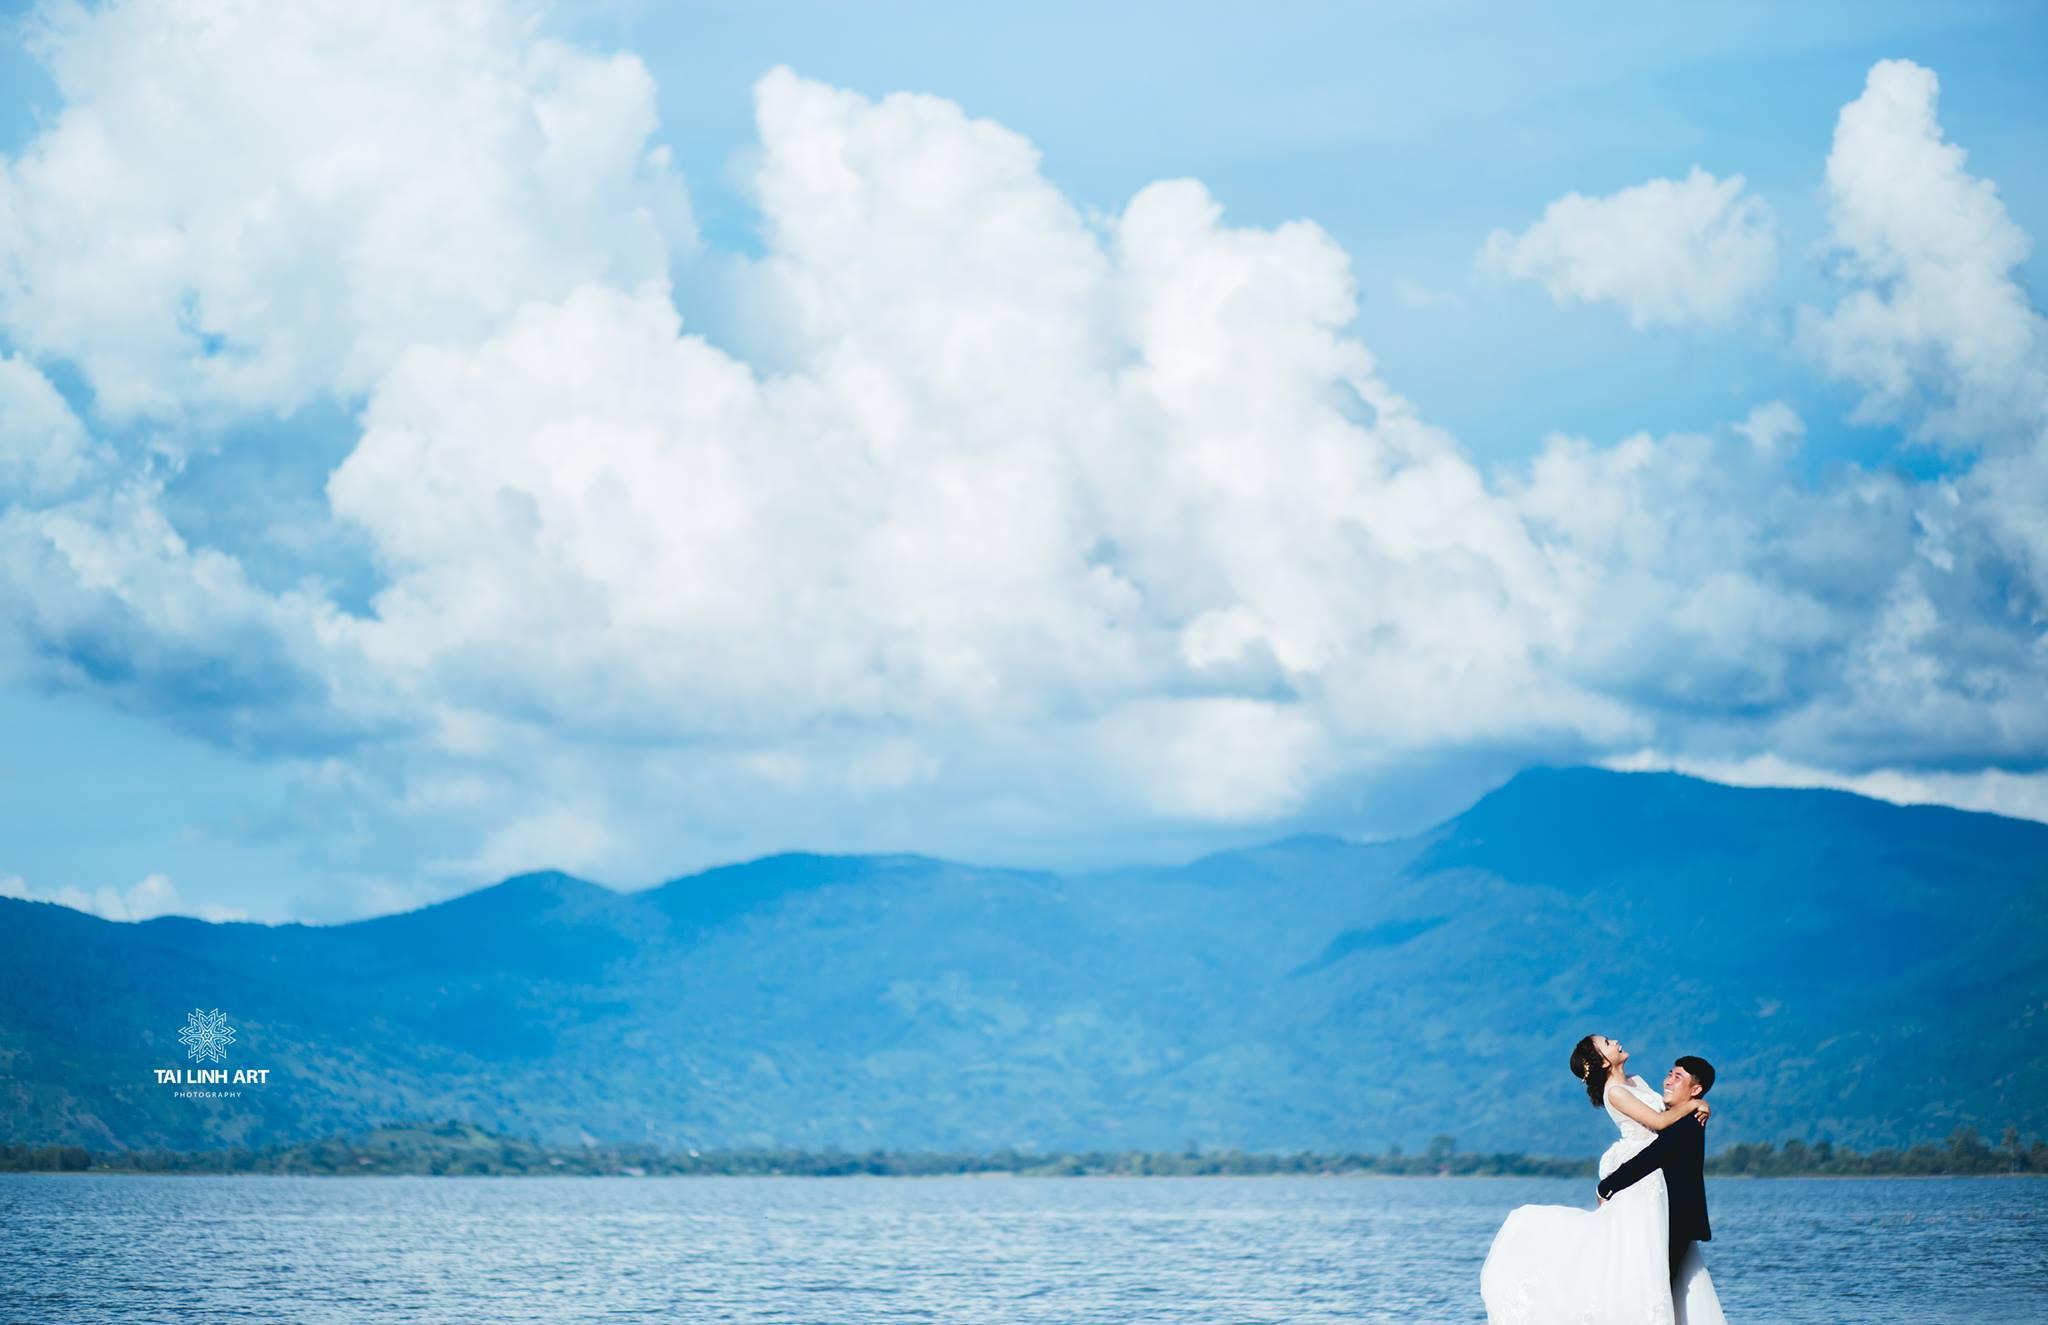 địa chỉ chụp ảnh cưới tại daklak , địa chỉ chụp ảnh cưới tại buôn ma thuột , địa chỉ chụp ảnh cưới tại ban mê thuật , địa chỉ chụp ảnh cưới tại bmt